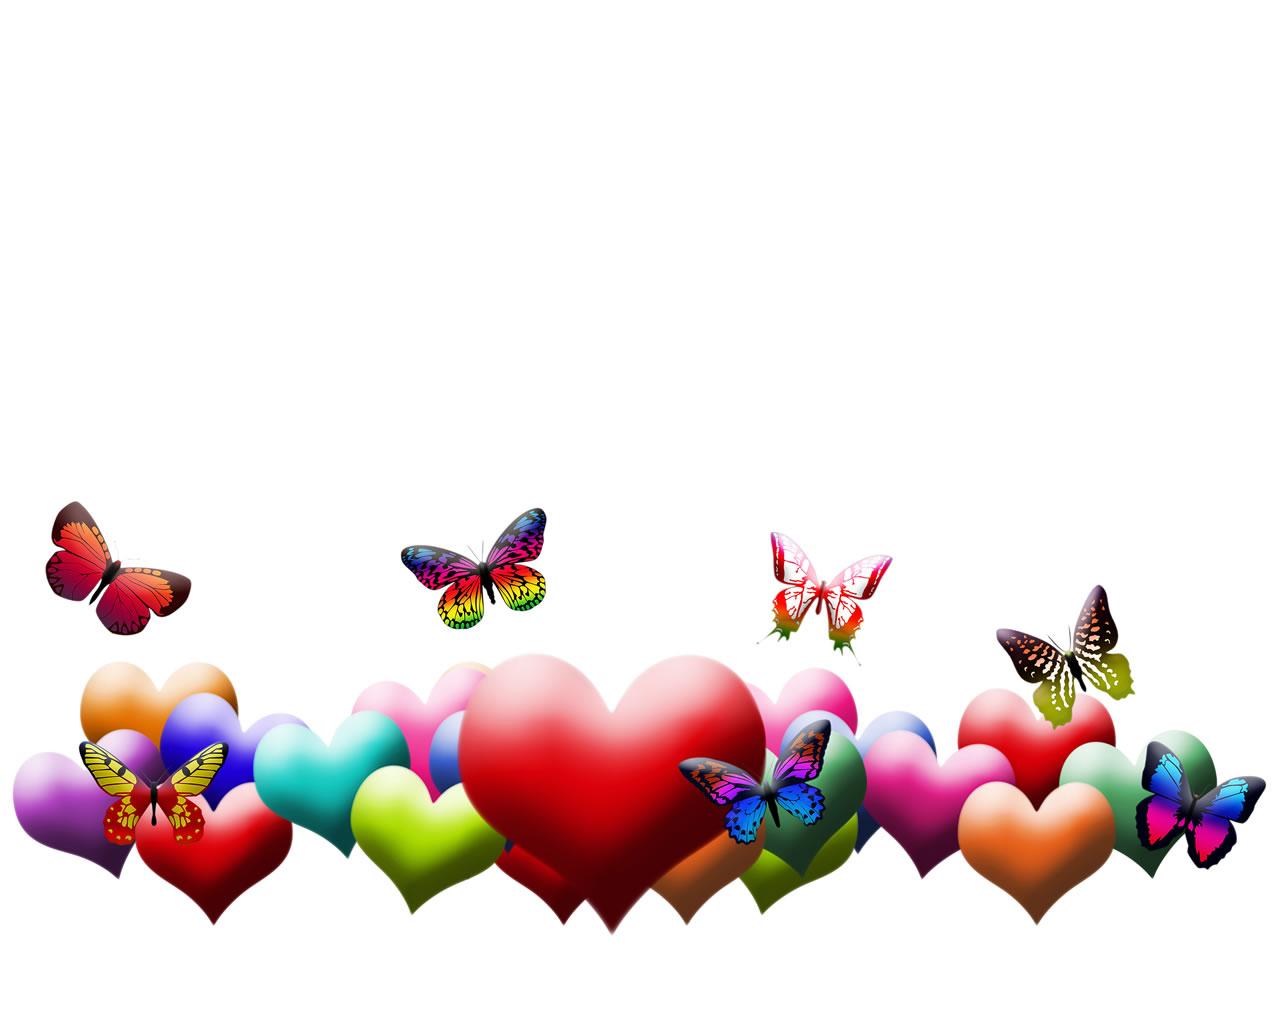 Belle fête à chacun et chacune Belle journée d'amour ou d'amitié